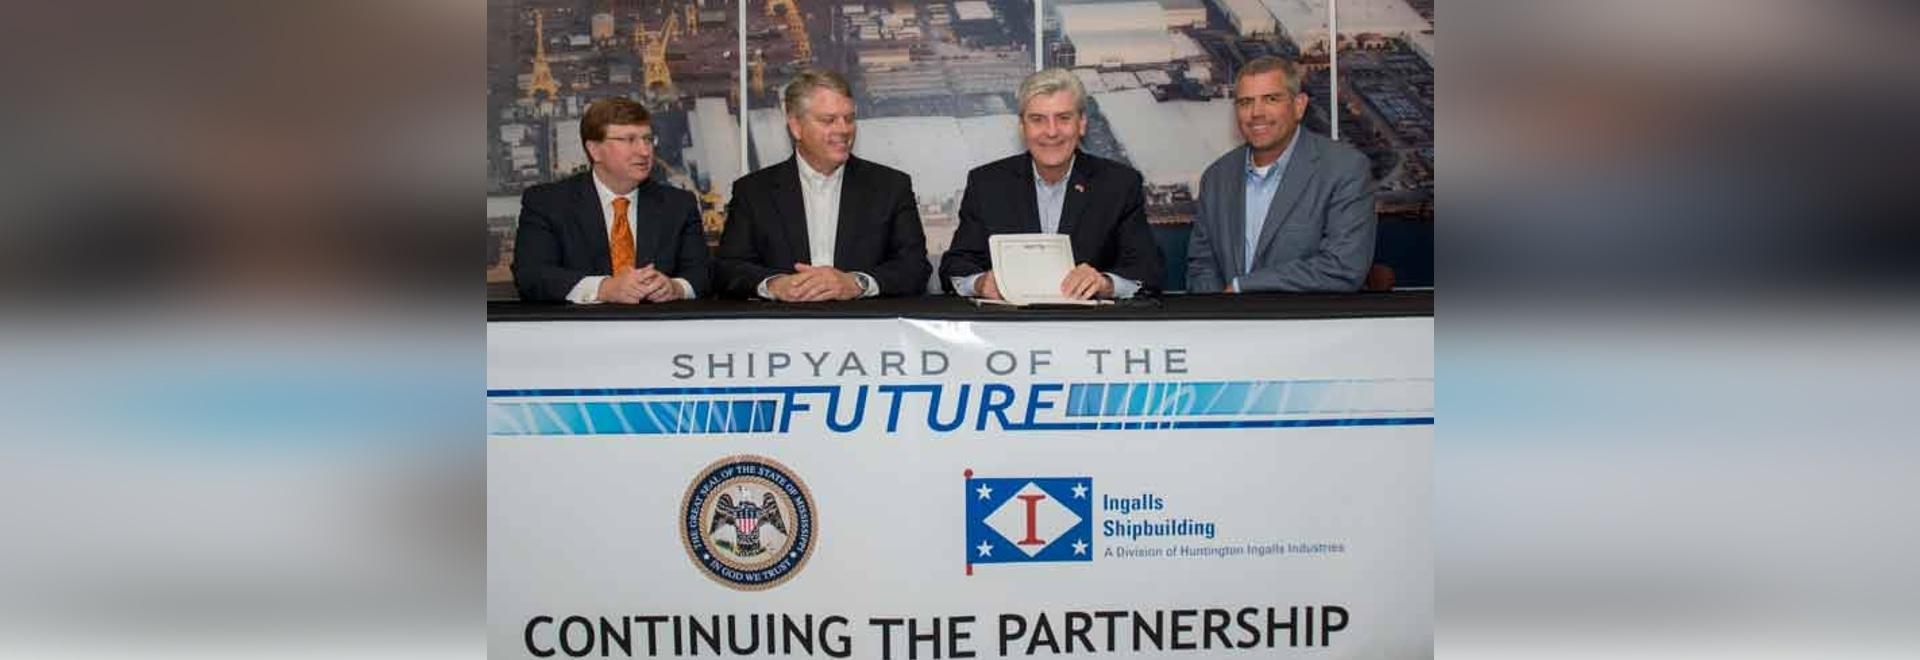 Il governo Phil Bryant (terzo da parte di sinistra) partecipa alla sign cerimoniale del? Cantiere navale del futuro? fattura a costruzione navale di Ingalls, con (L R) al Lt. Il governo Tate Reeves...